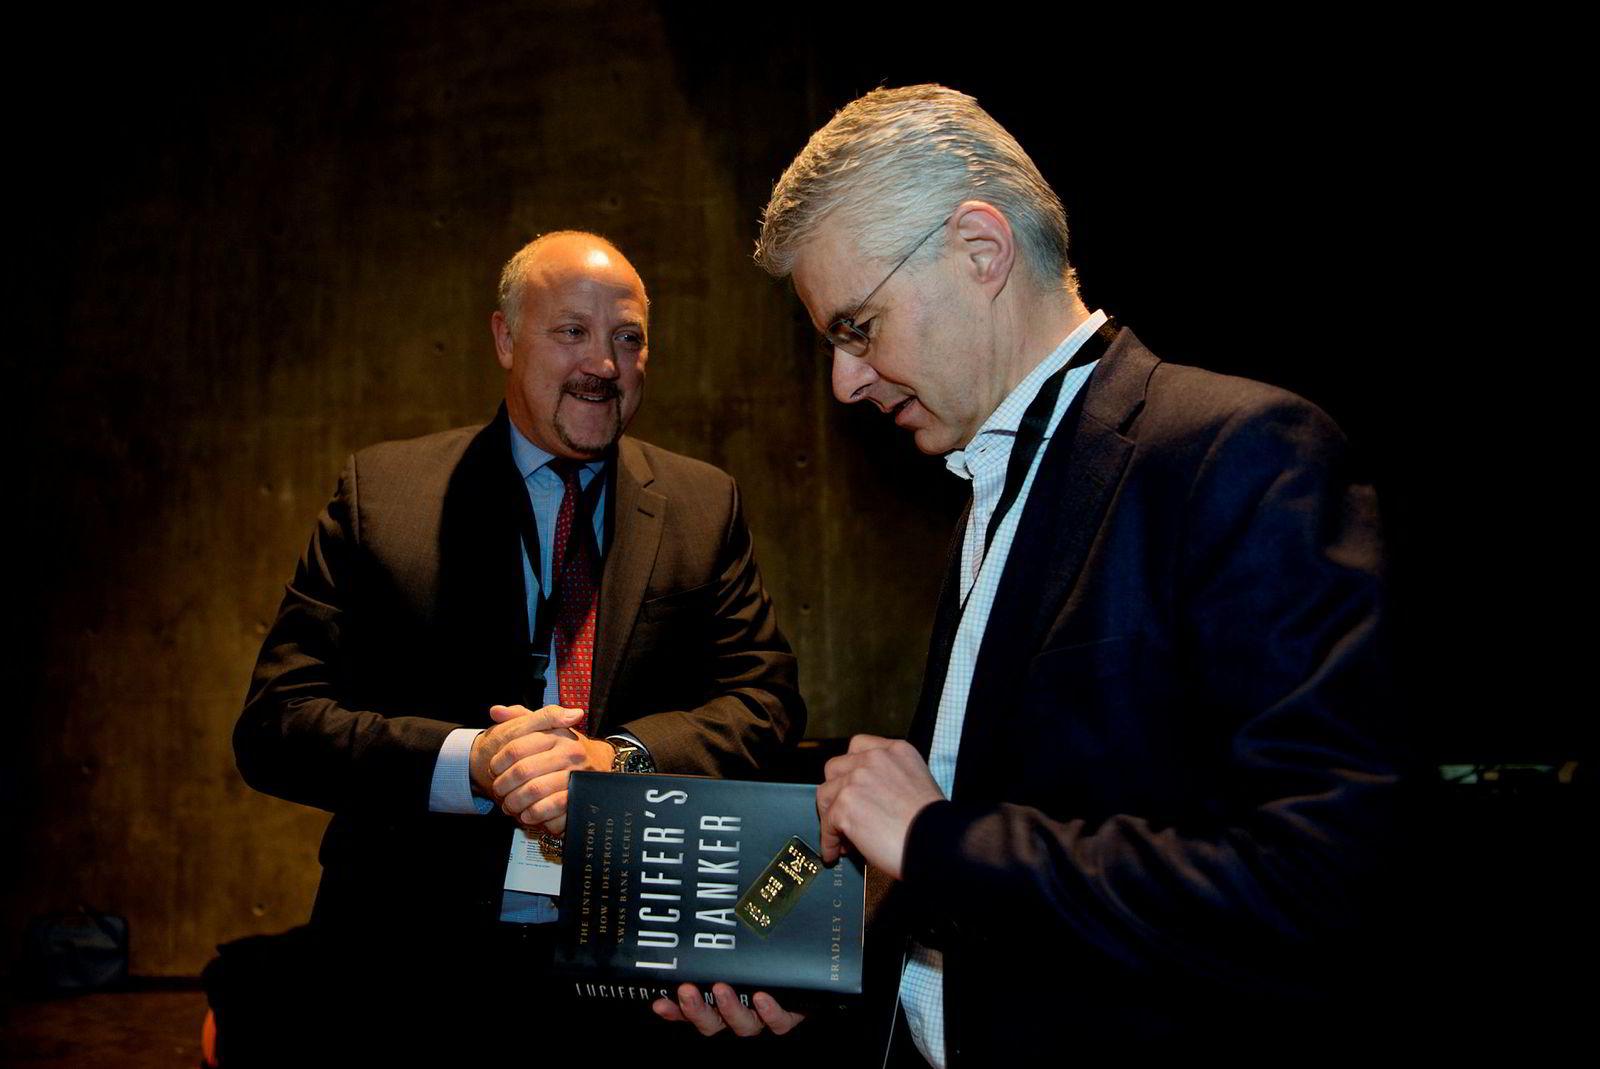 Varsler og tidligere bankansatt Bradley Birkenfeld møtte Økokrim-sjef Trond Eirik Schea under DN-konferansen om økonomisk kriminalitet torsdag.